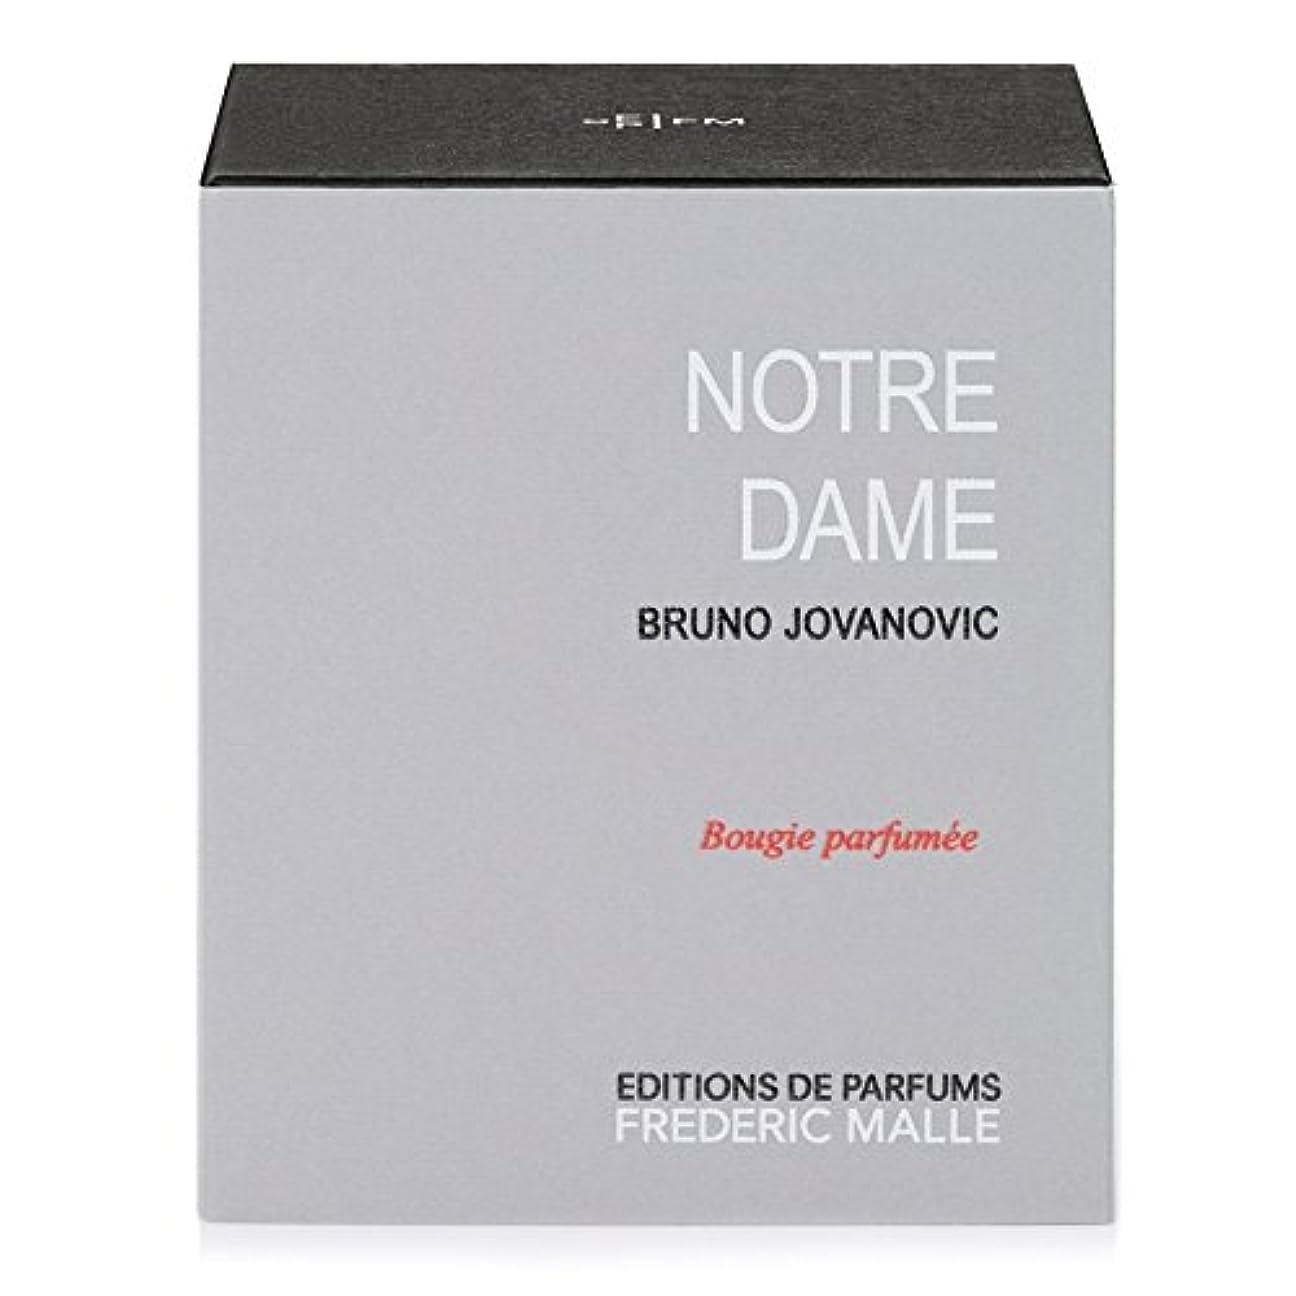 染料役員パウダーフレデリック?マルノートルダム香りのキャンドル220グラム x6 - Frederic Malle Notre Dame Scented Candle 220g (Pack of 6) [並行輸入品]